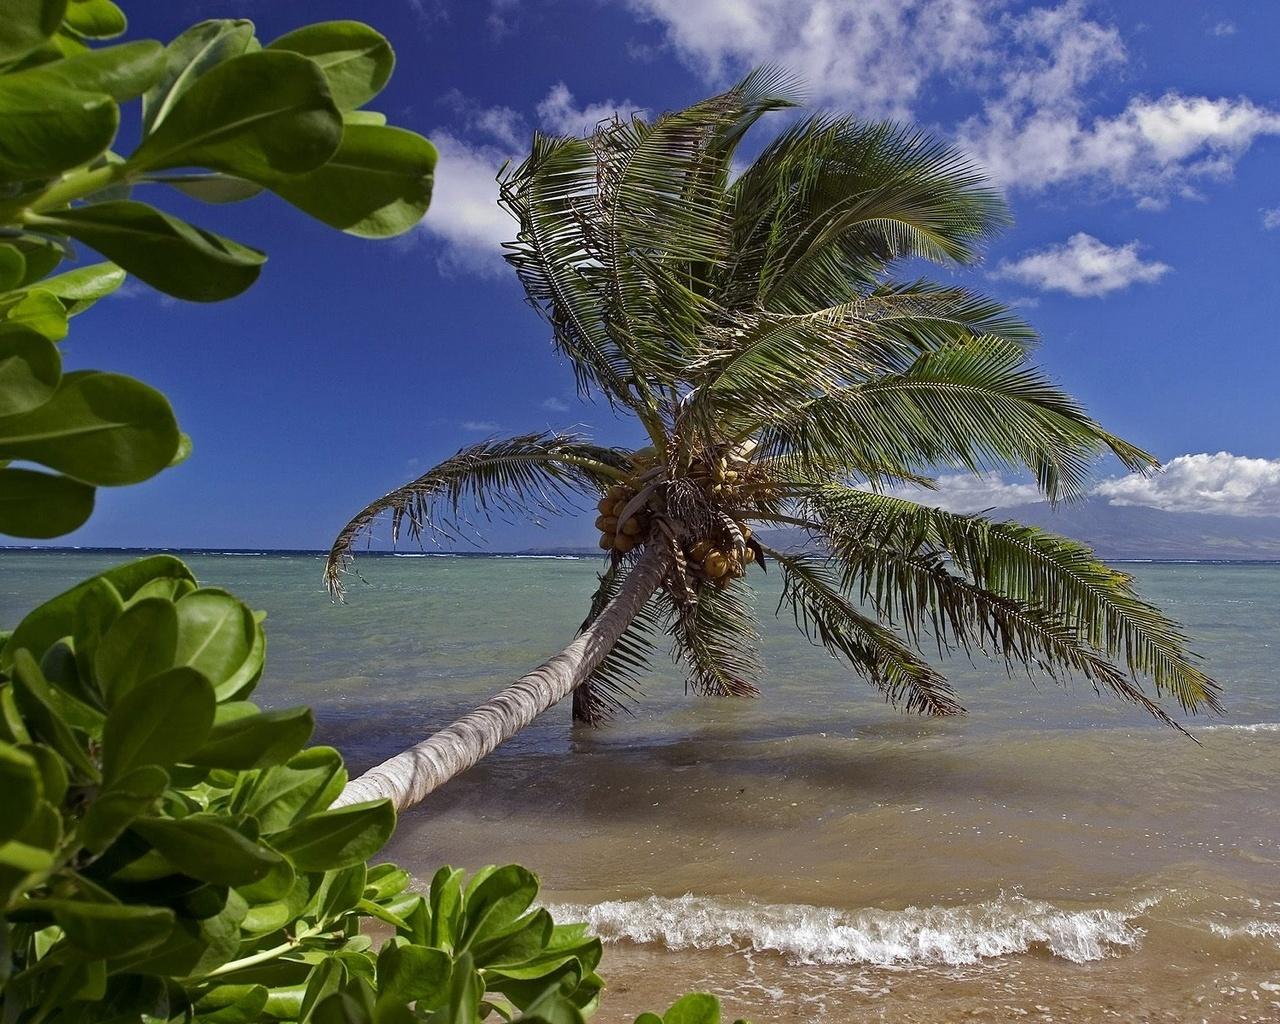 Солнце море пальмы пляж 1280 x 1024